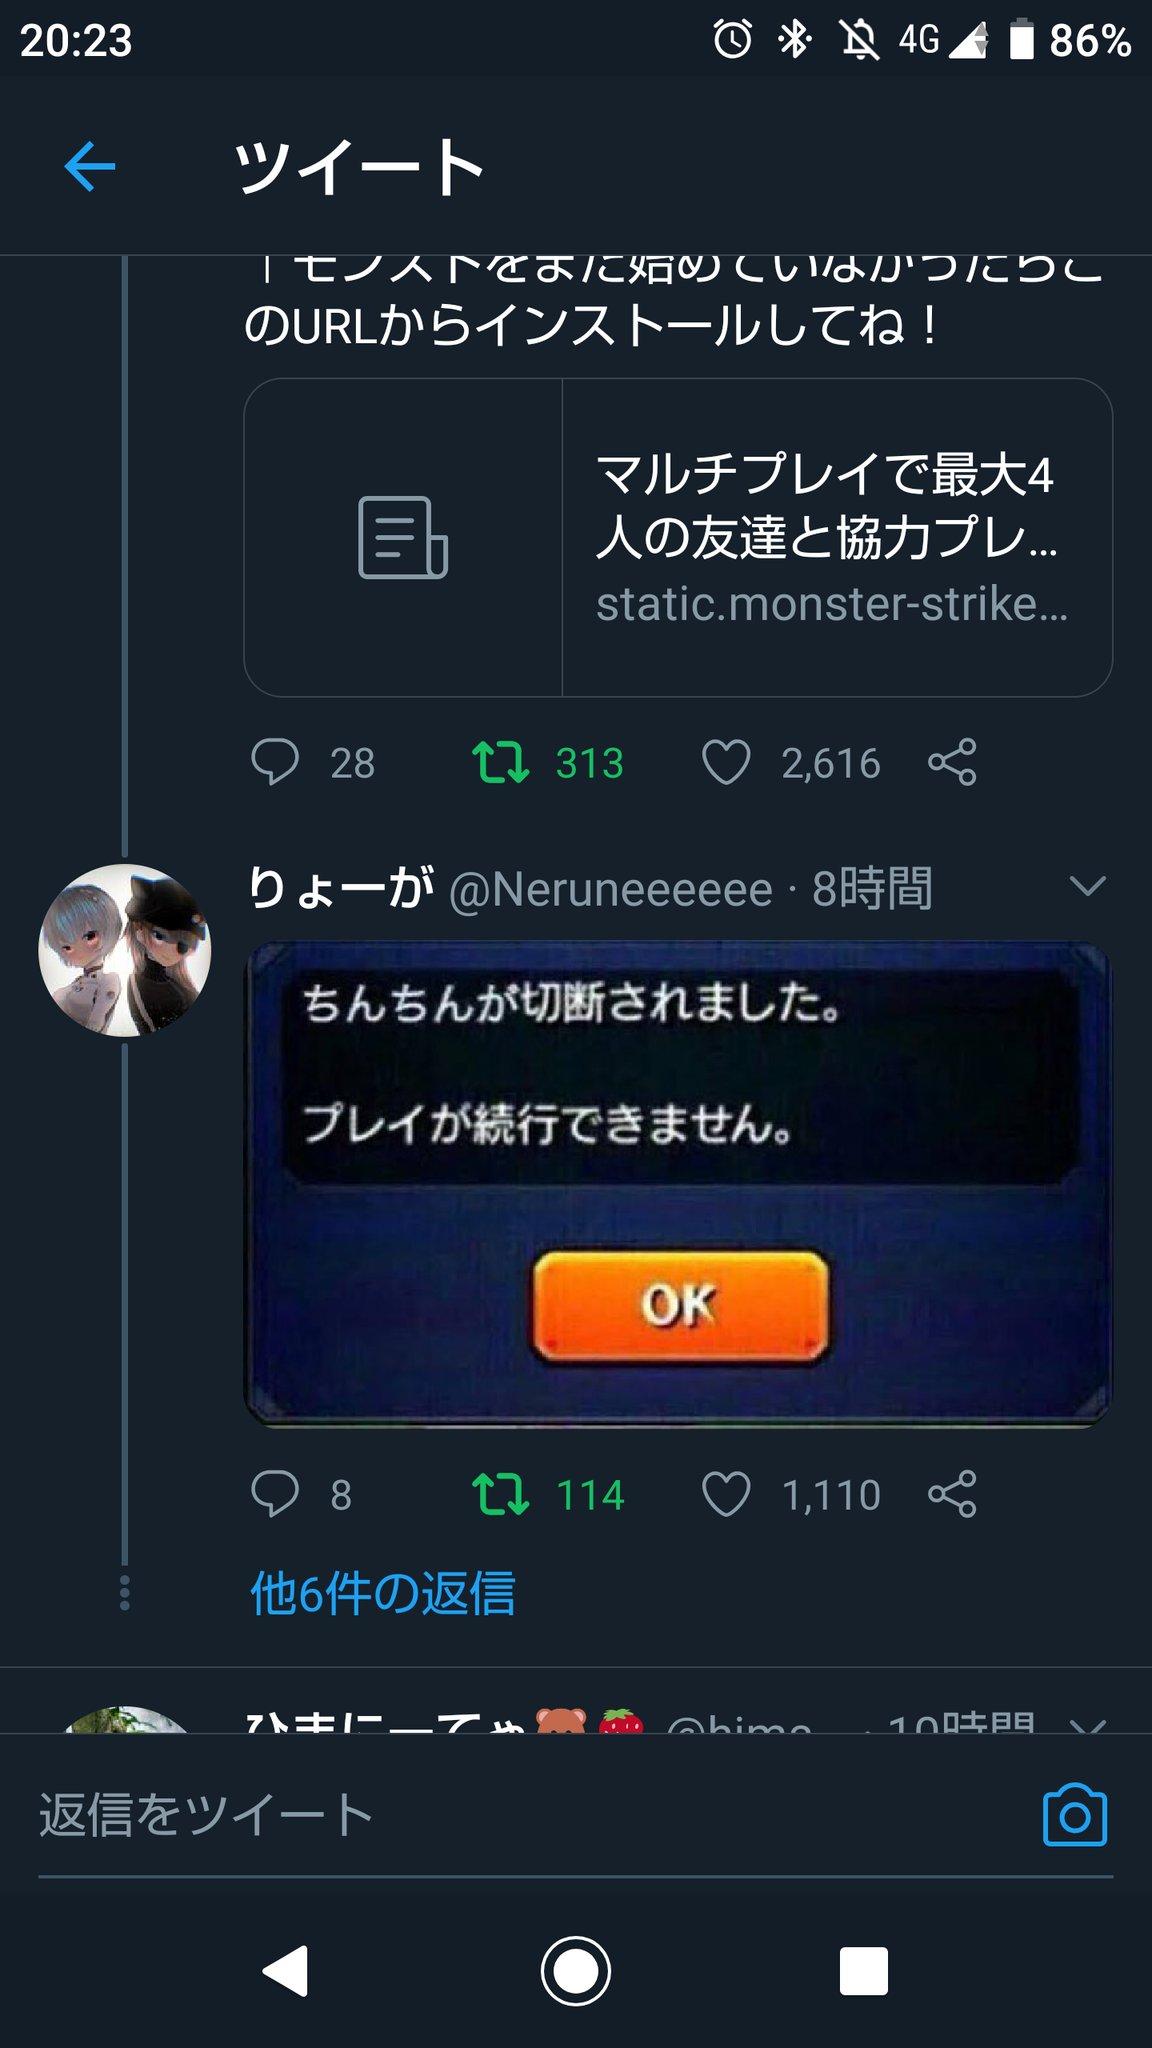 詠美 利 深田 ツイッター 大喜